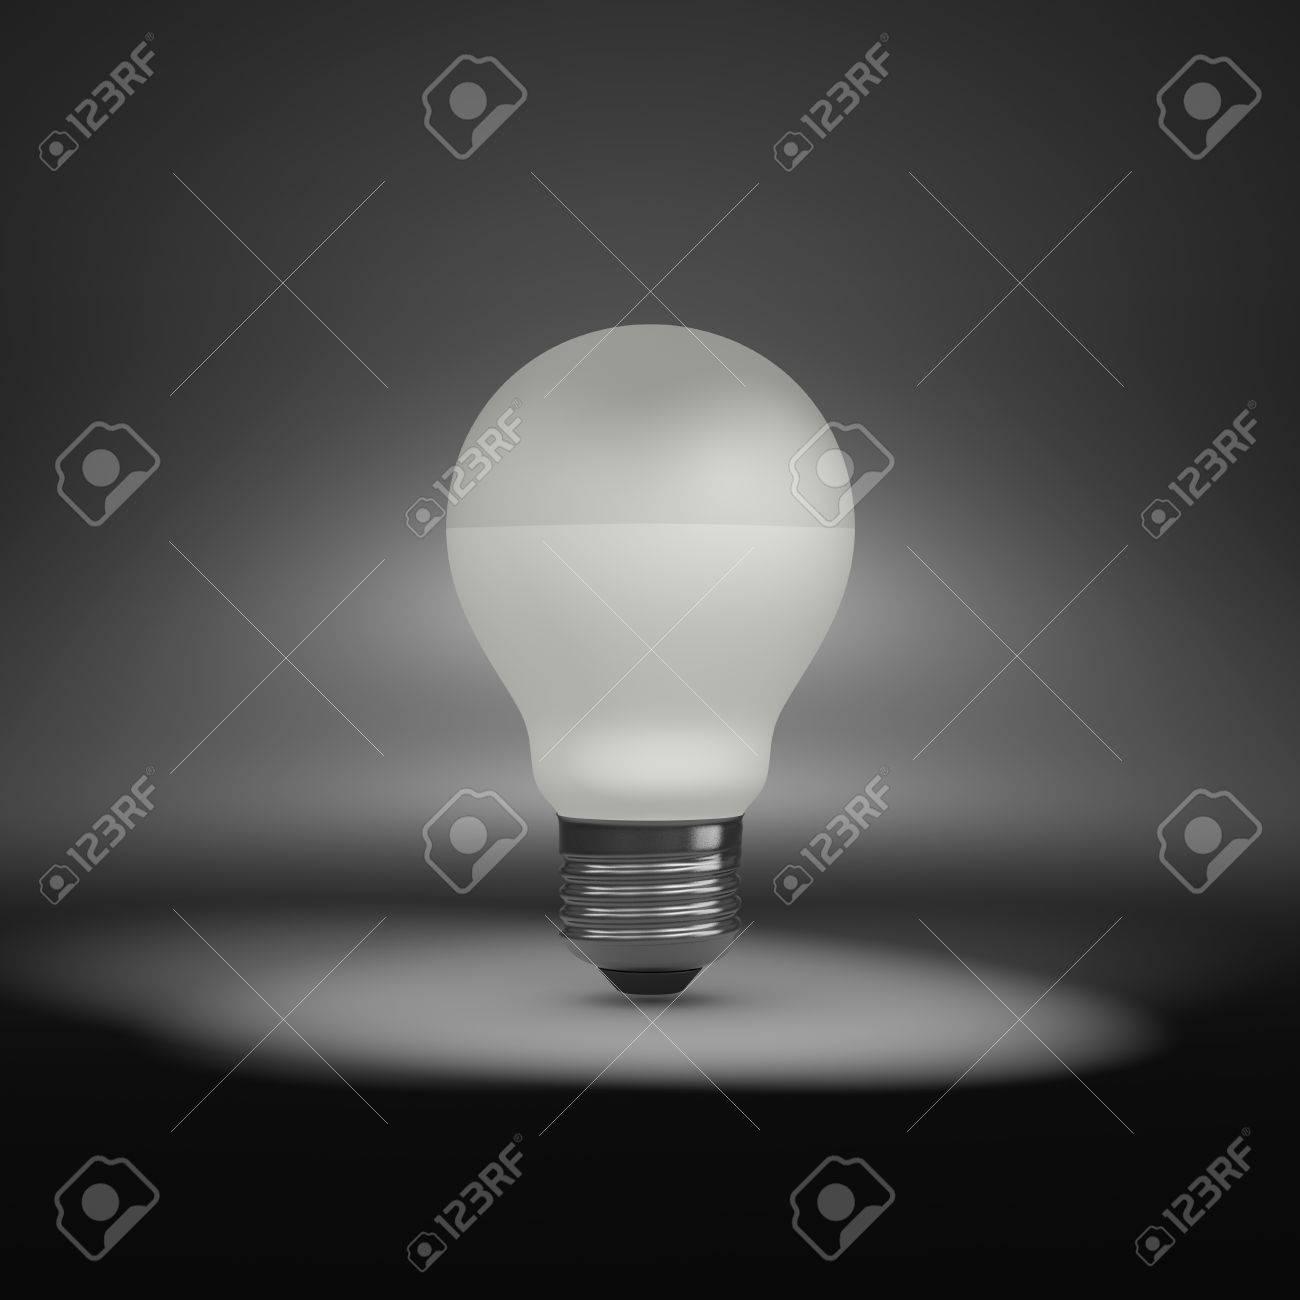 d15bde50b Una única Bombilla LED Bajo Foco Fotos, Retratos, Imágenes Y ...